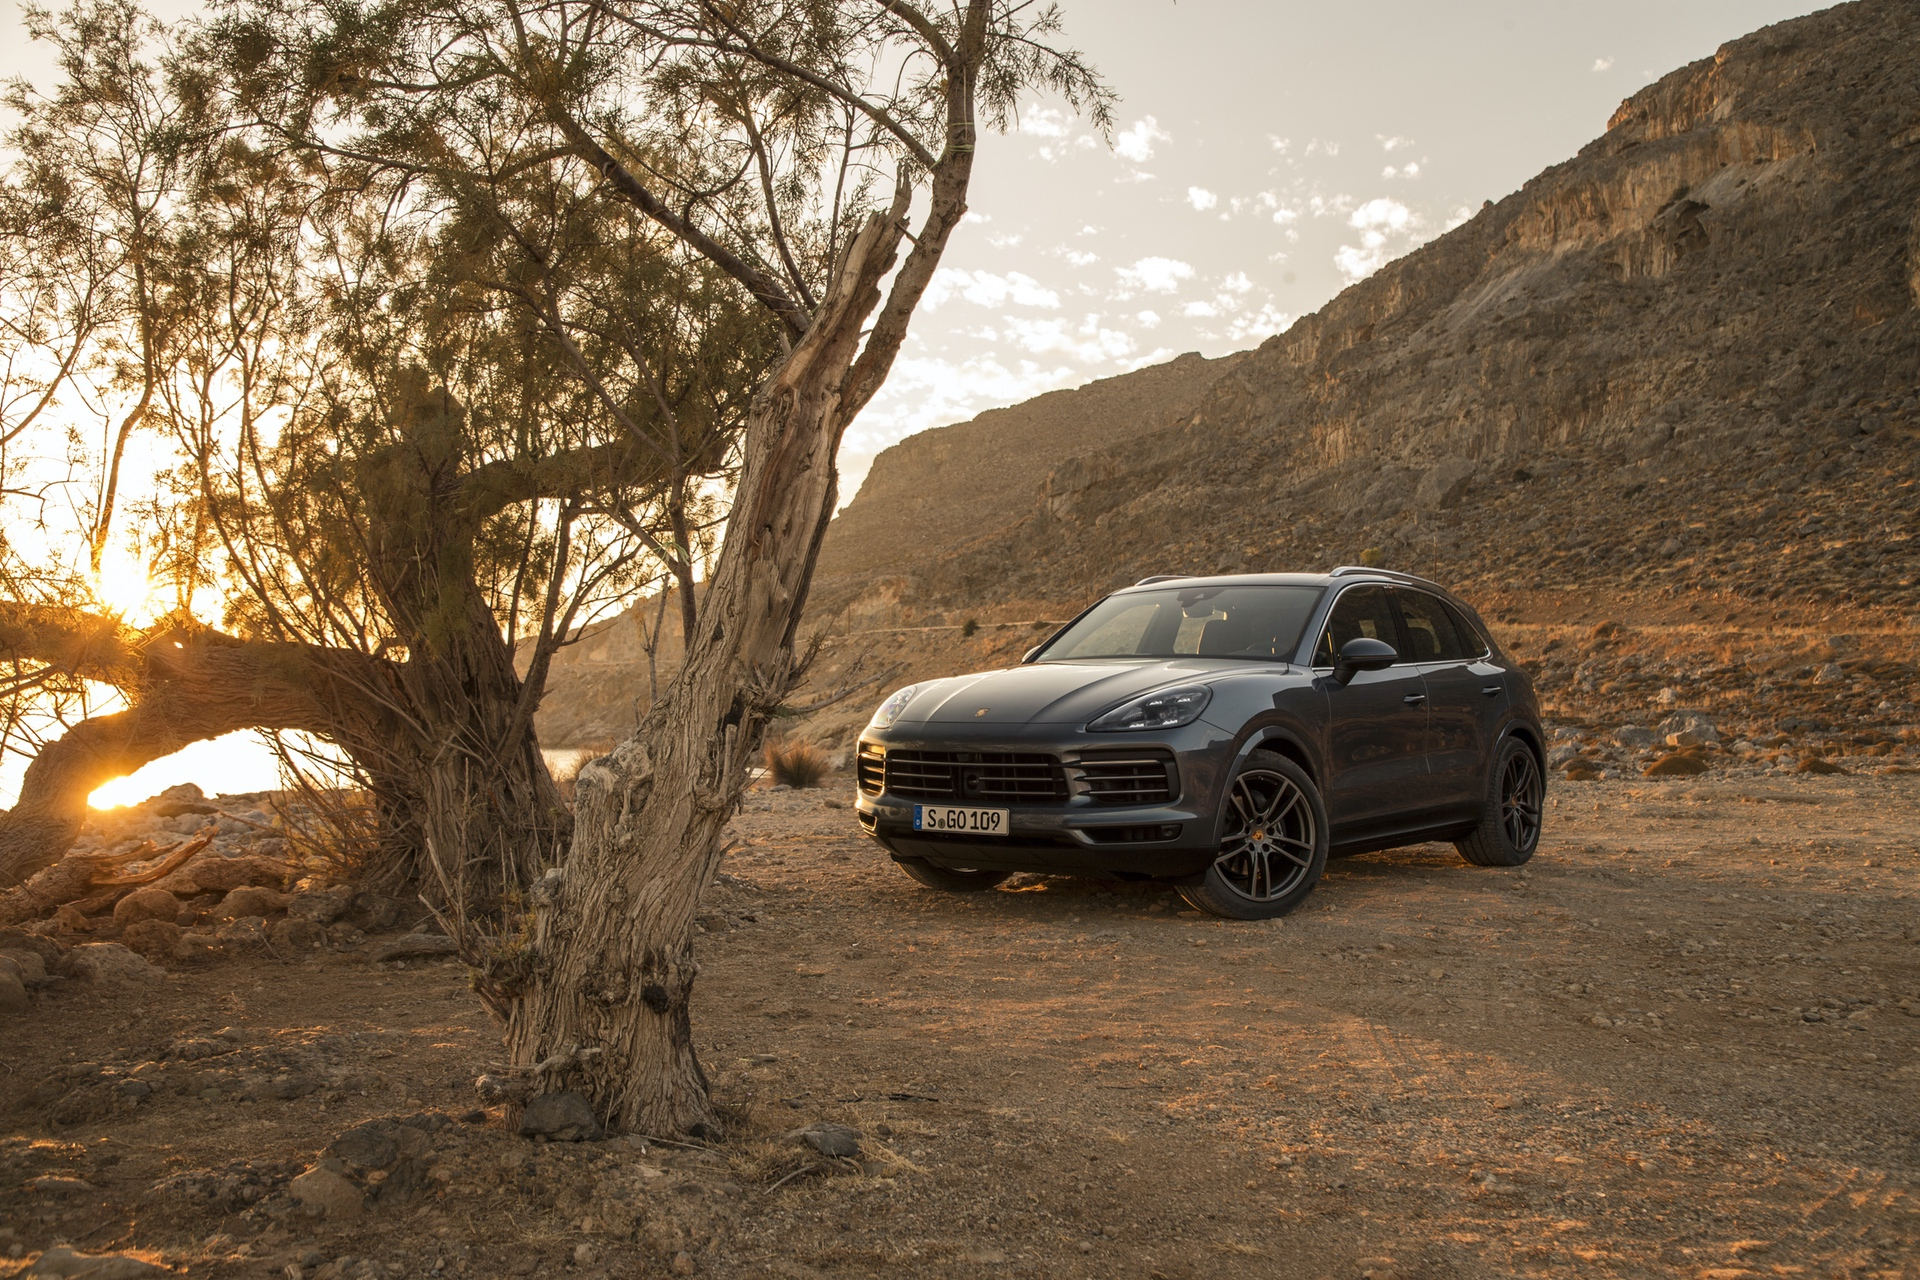 Test_Drive_Porsche_Cayenne_293